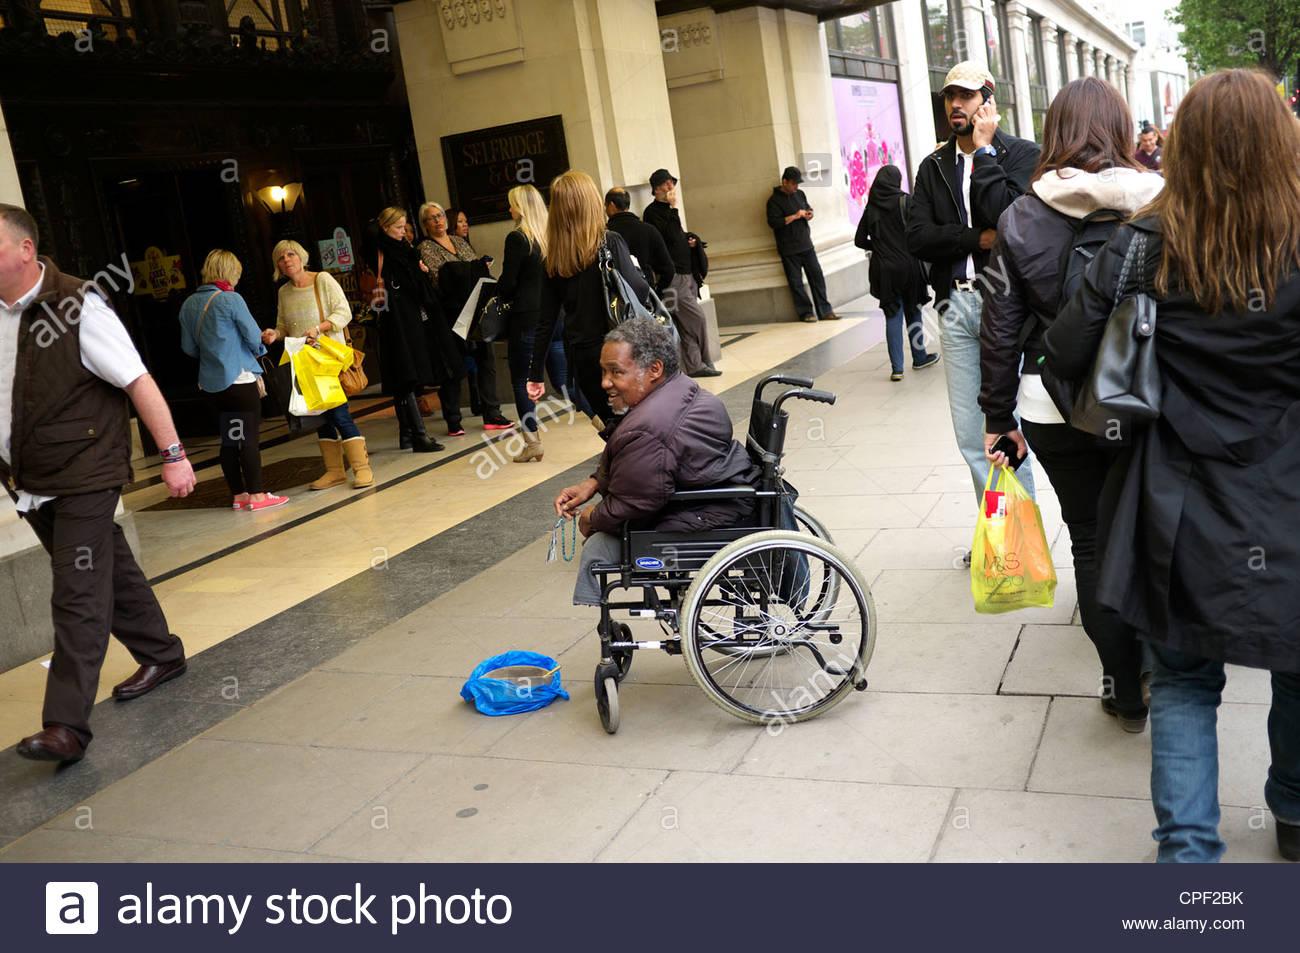 Eingang zum Selfridges in der Londoner Oxford Street, mit einem behinderten Bettler in einem Rollstuhl nach draußen. Stockbild